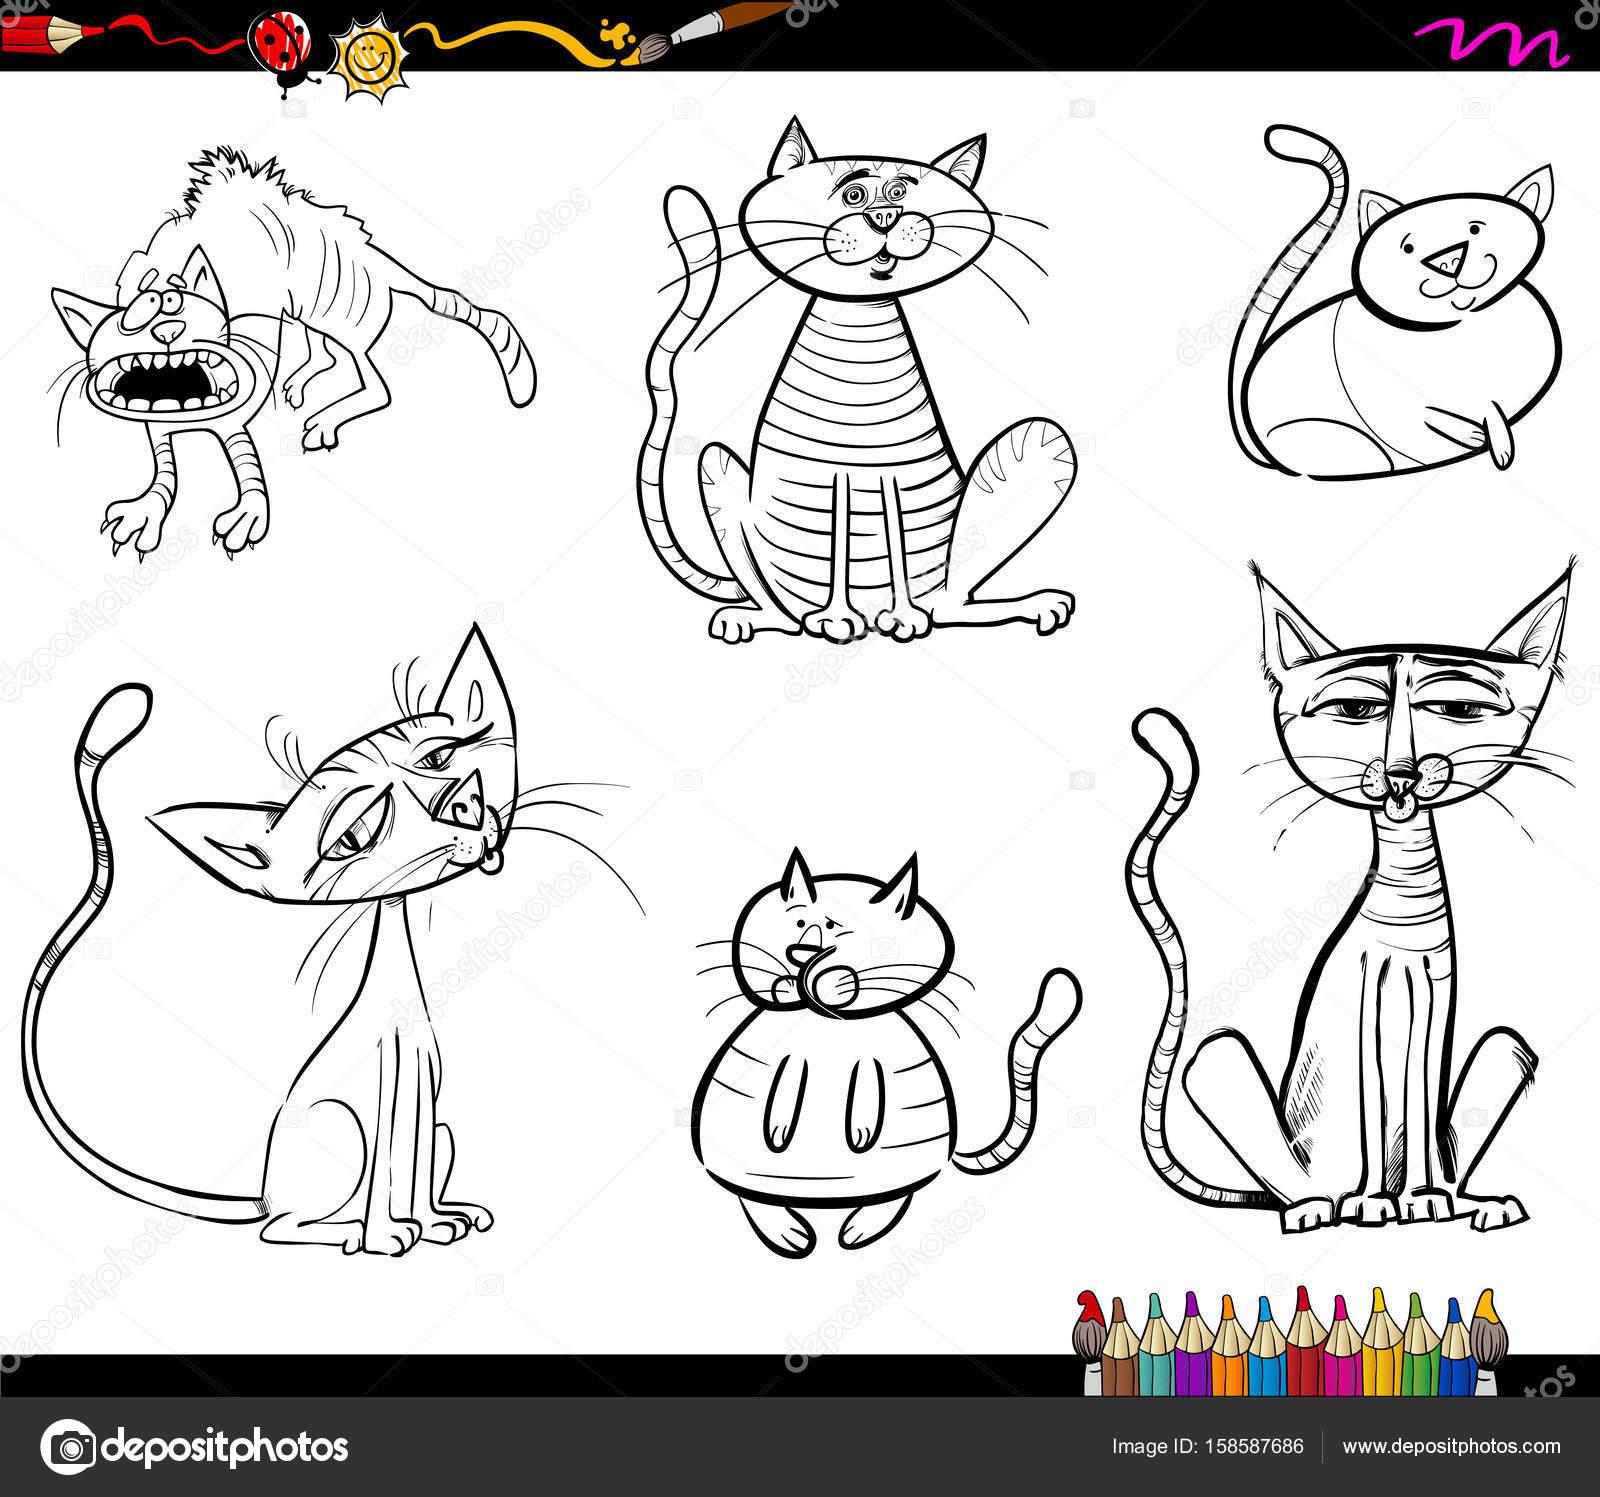 Kedi çizgi Film Karakterleri Boyama Kitabı Stok Vektör Izakowski